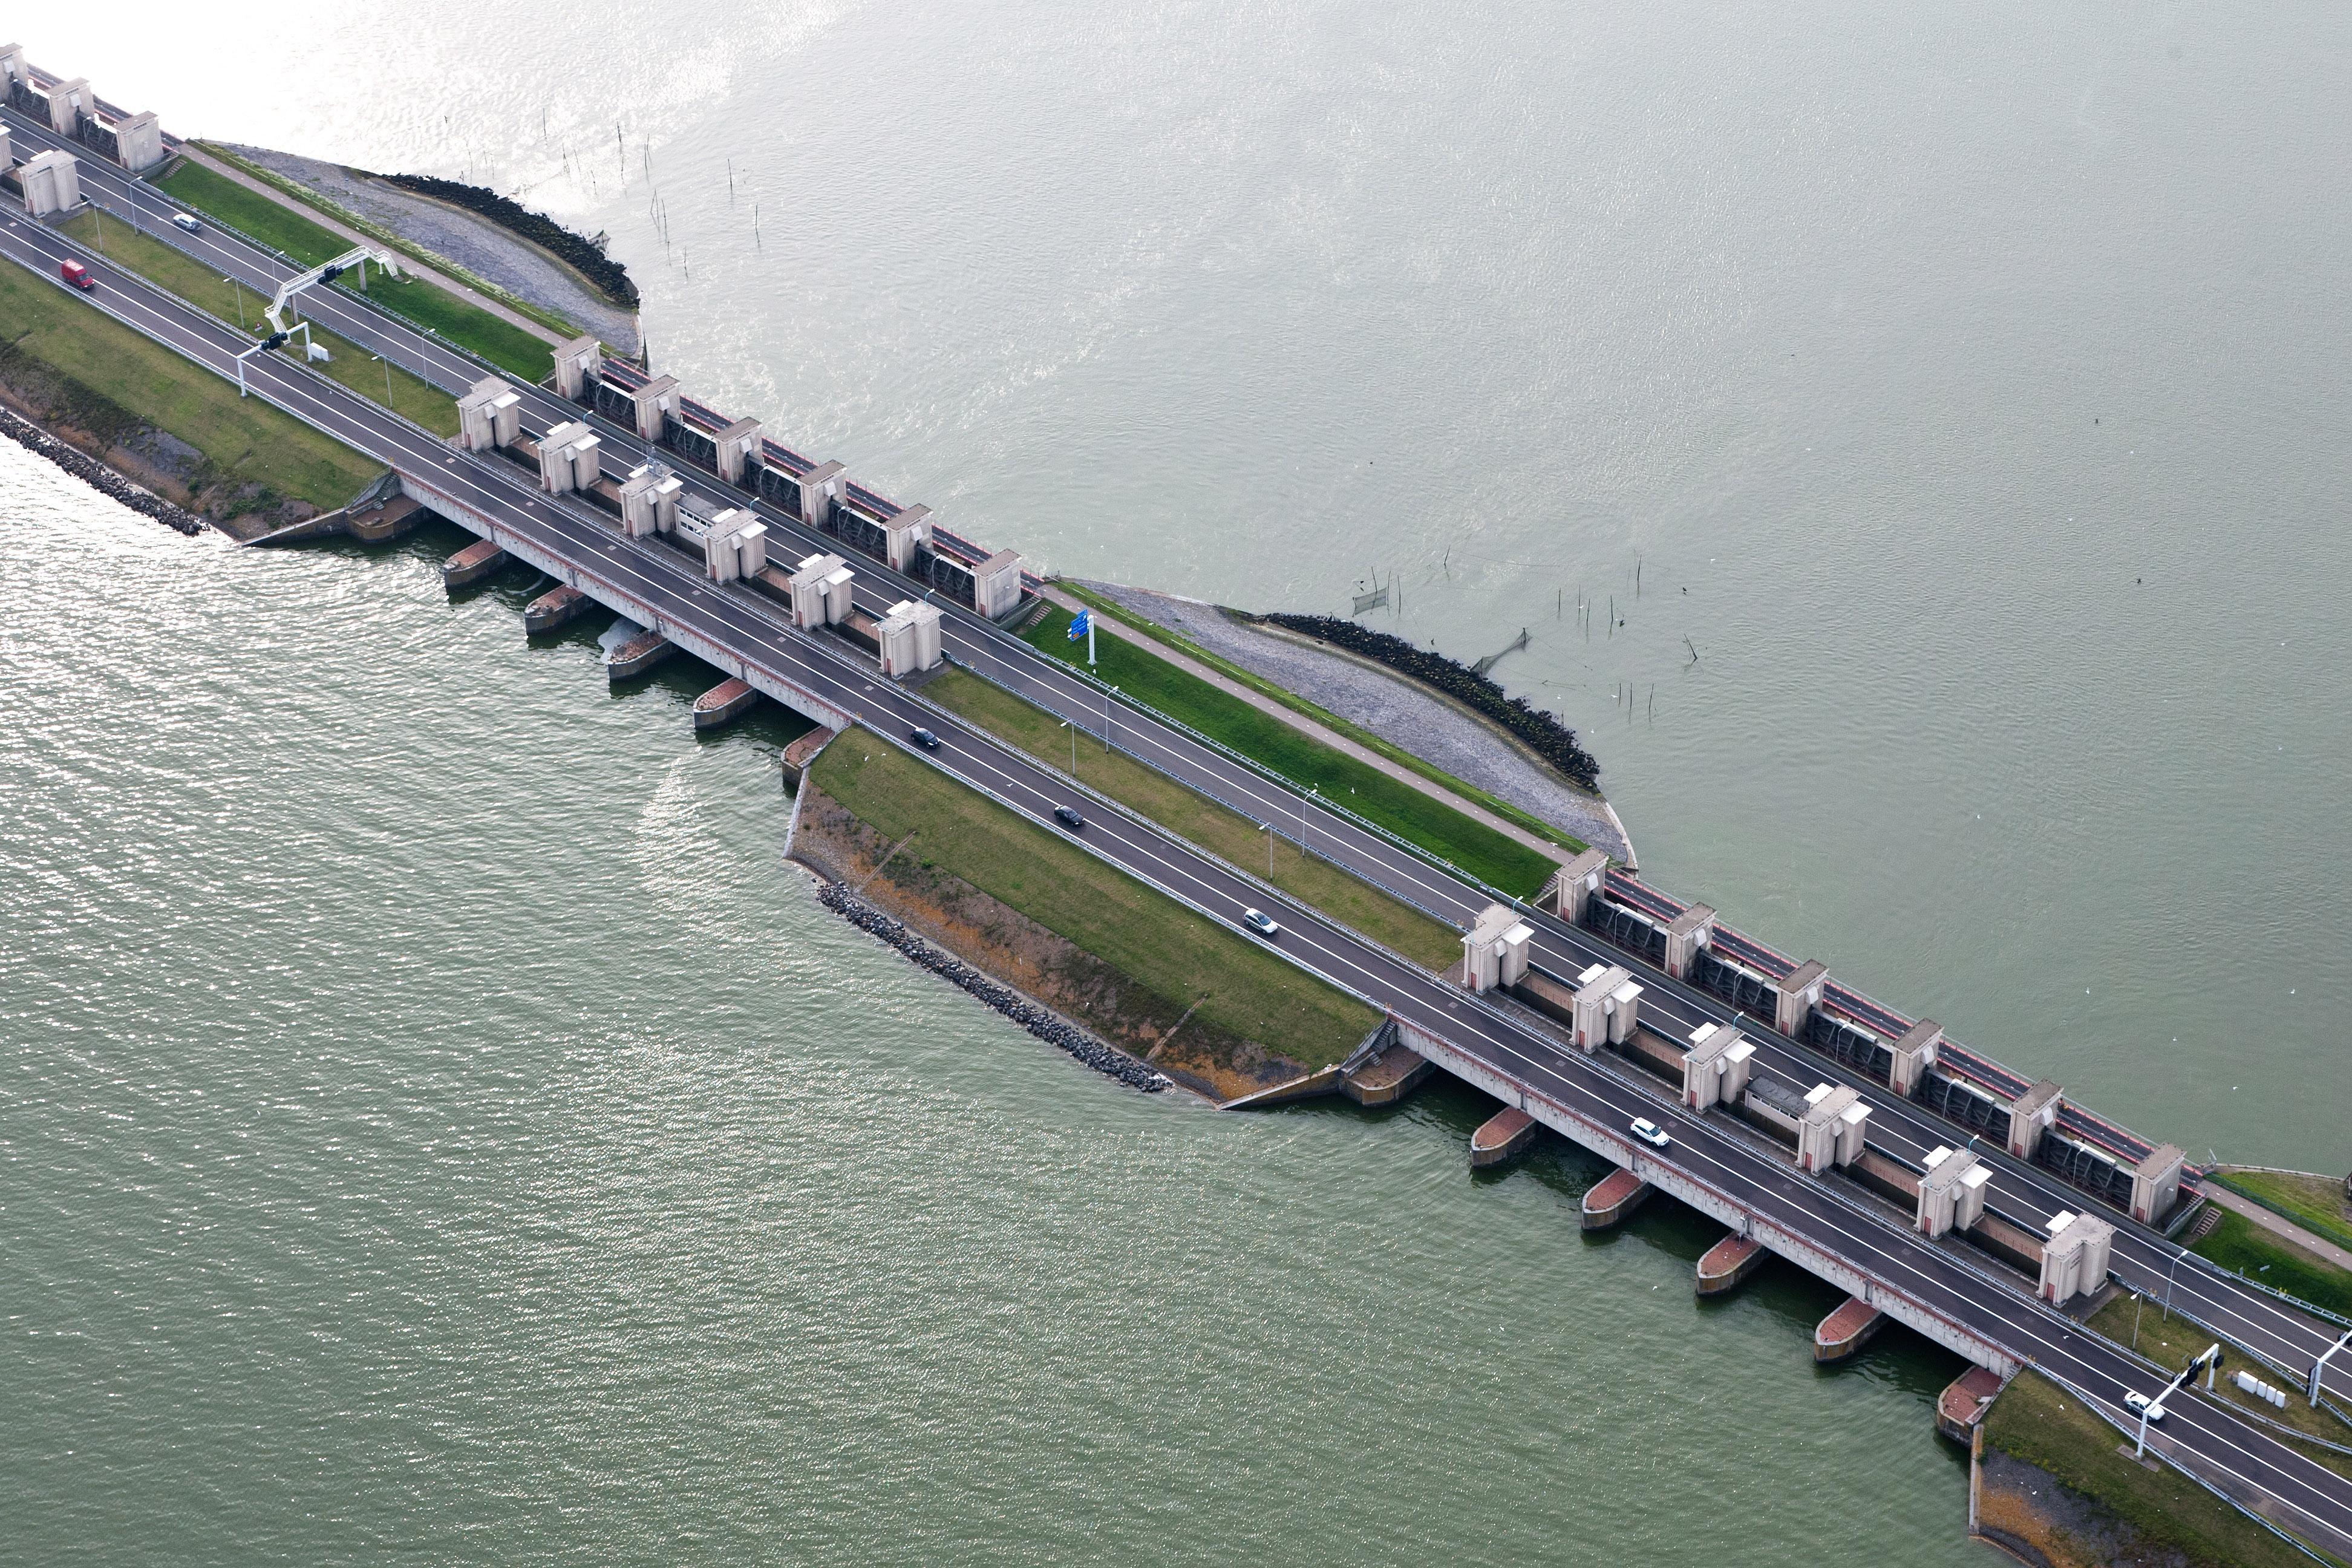 IJsselmeerwater in toekomst vaker naar Waddenzee pompen